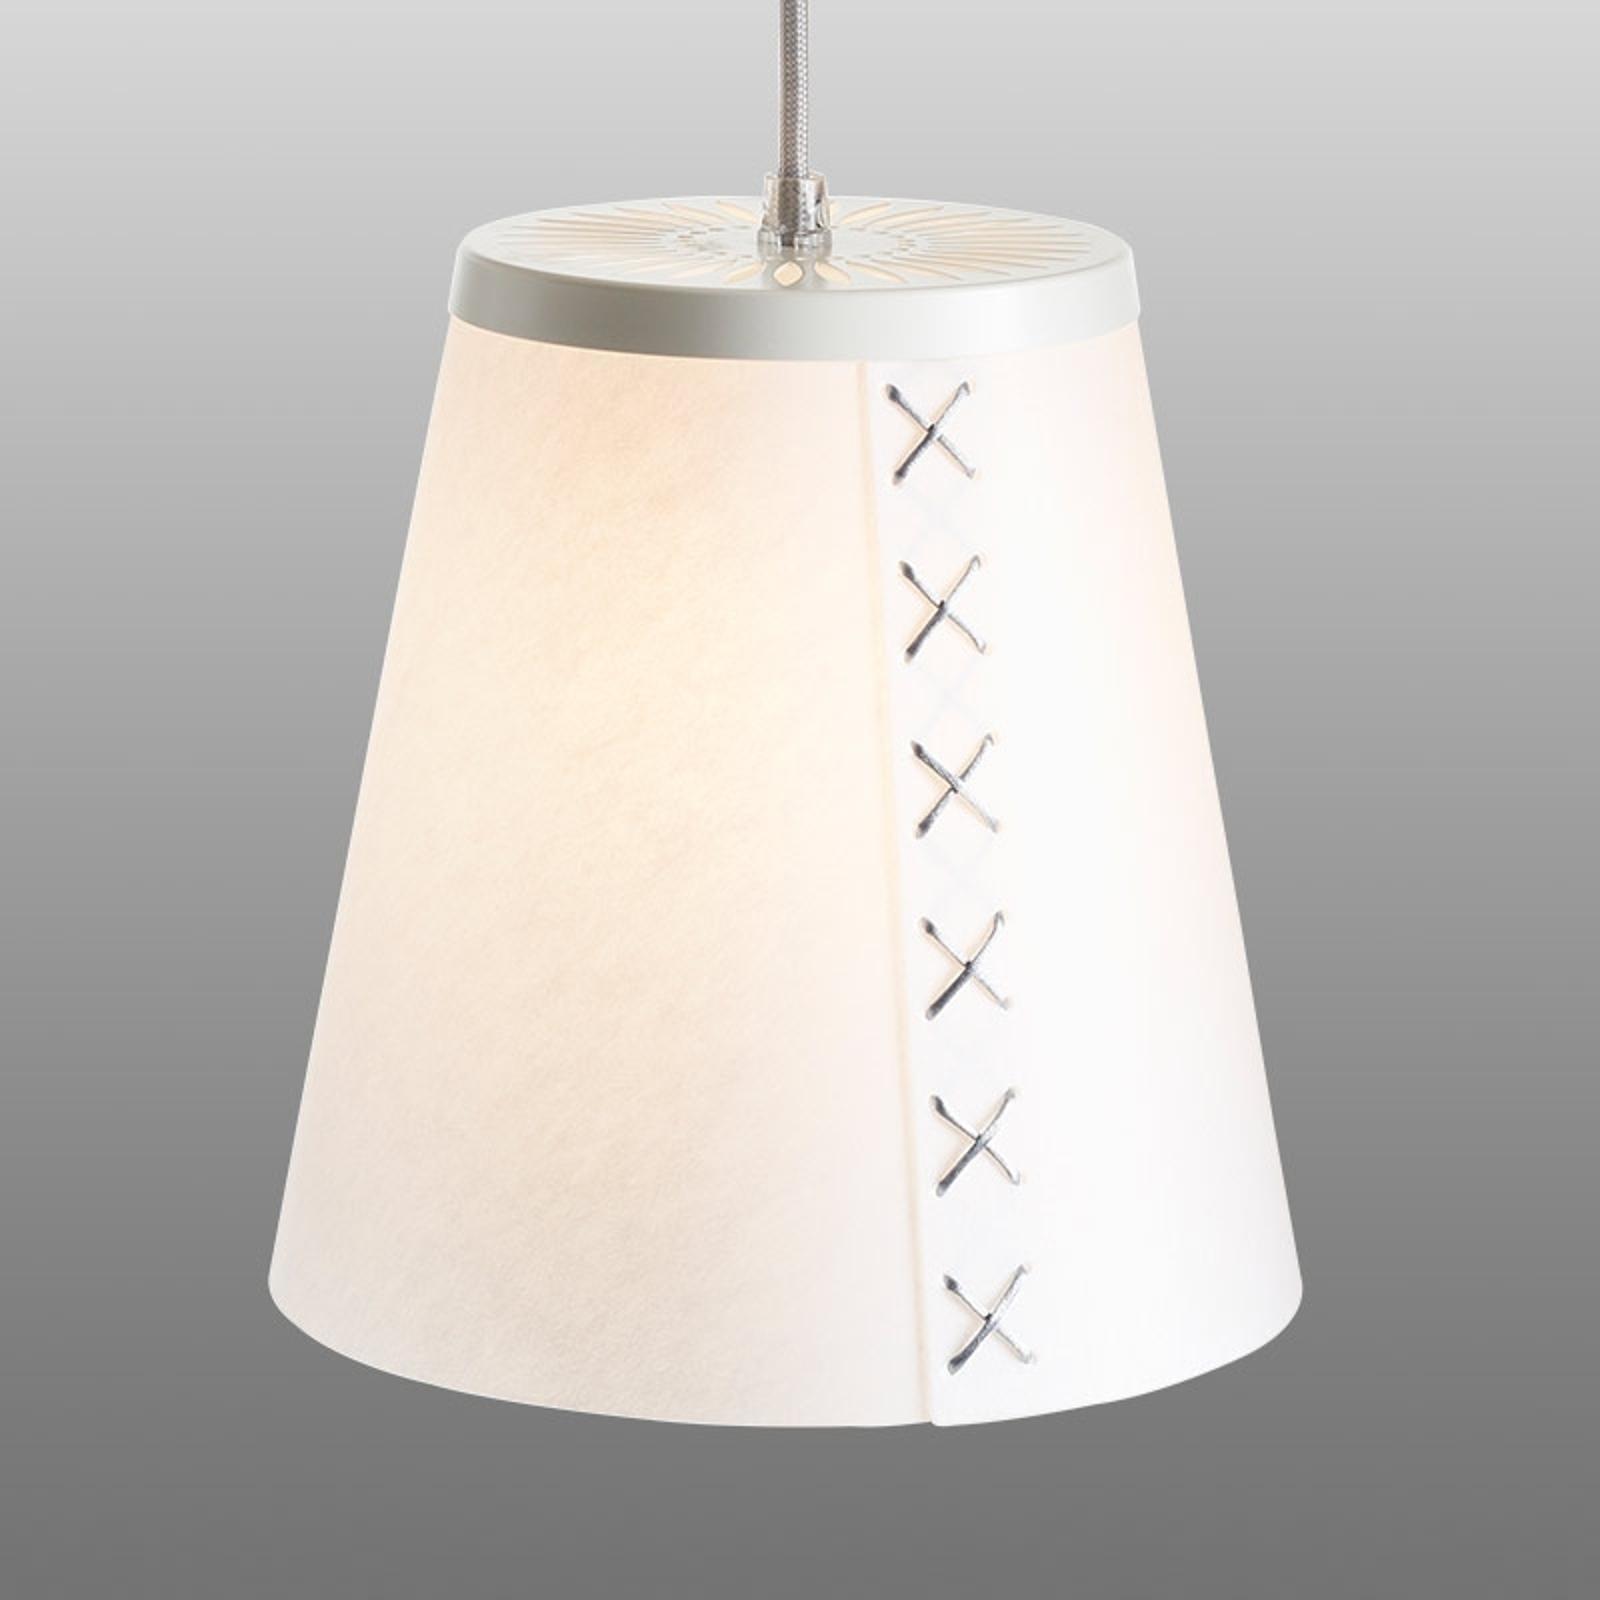 Hanglamp Flör van Lunopal, kabel zilver